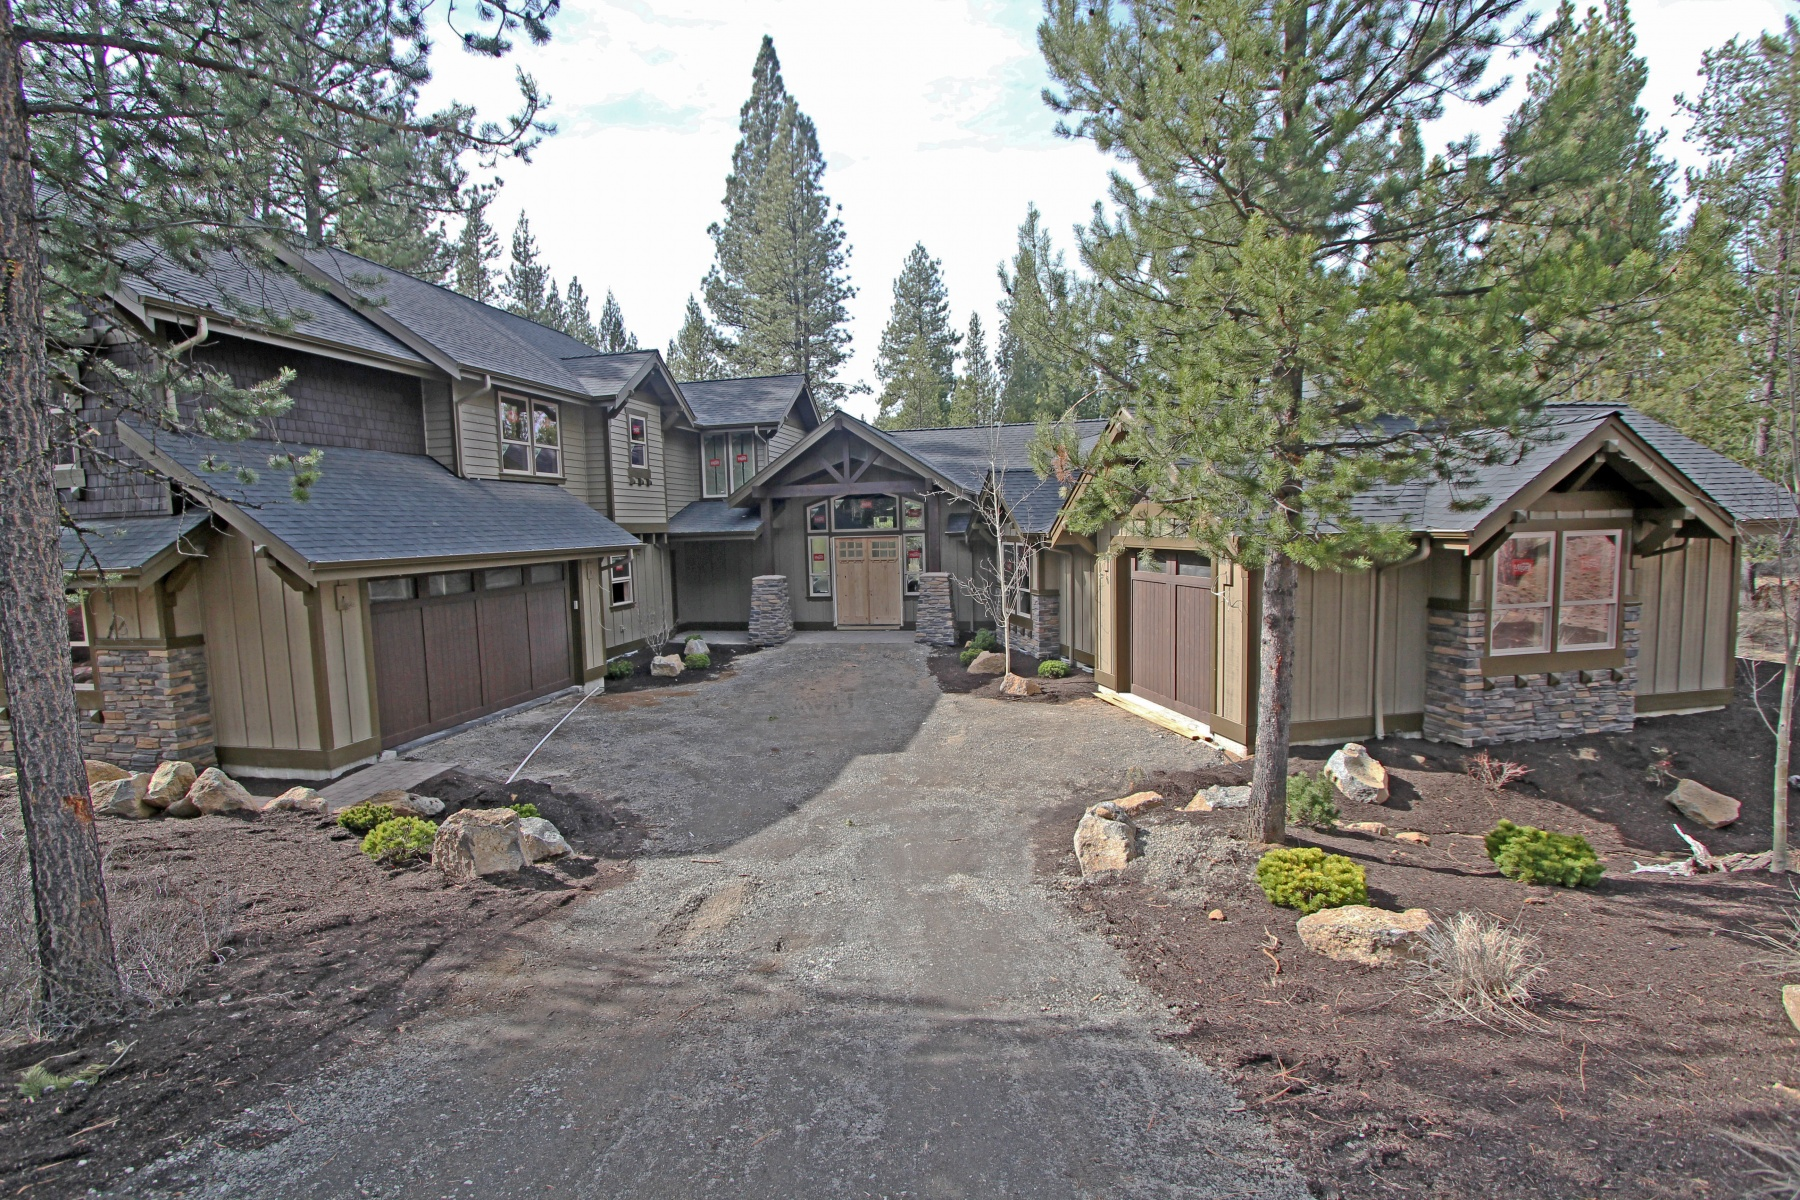 Moradia para Venda às Caldera Springs 56208 Sable Rock Loop Lot 267 Bend, Oregon 97707 Estados Unidos